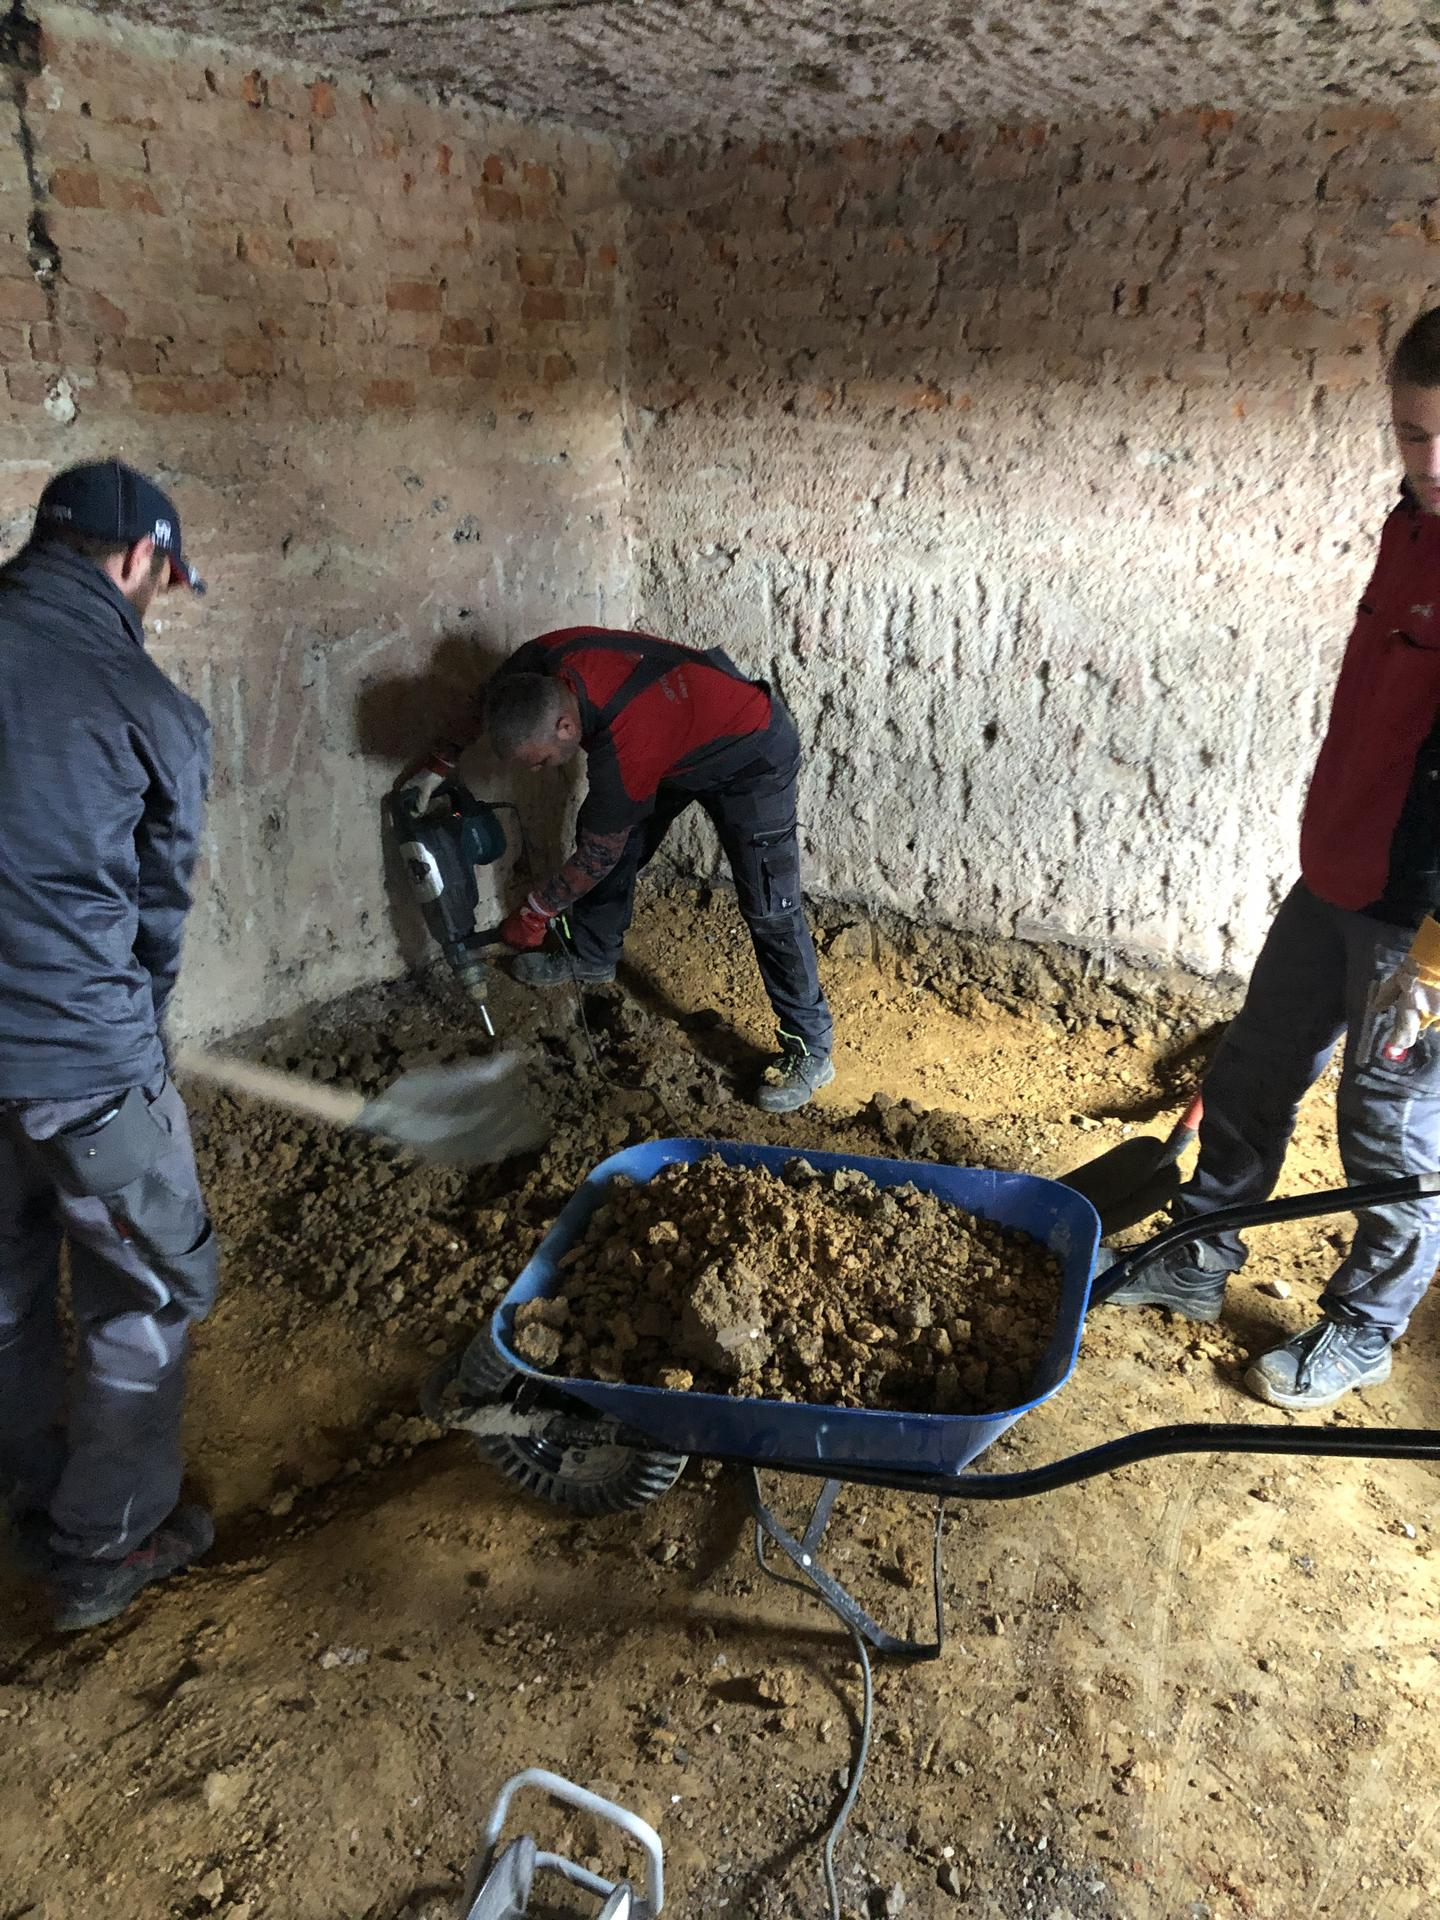 rekonštrukcia na 110% - chlapci vybrali hlinu na prízemí, aby mohla ísť nová kanalizácia, voda, kúrenie